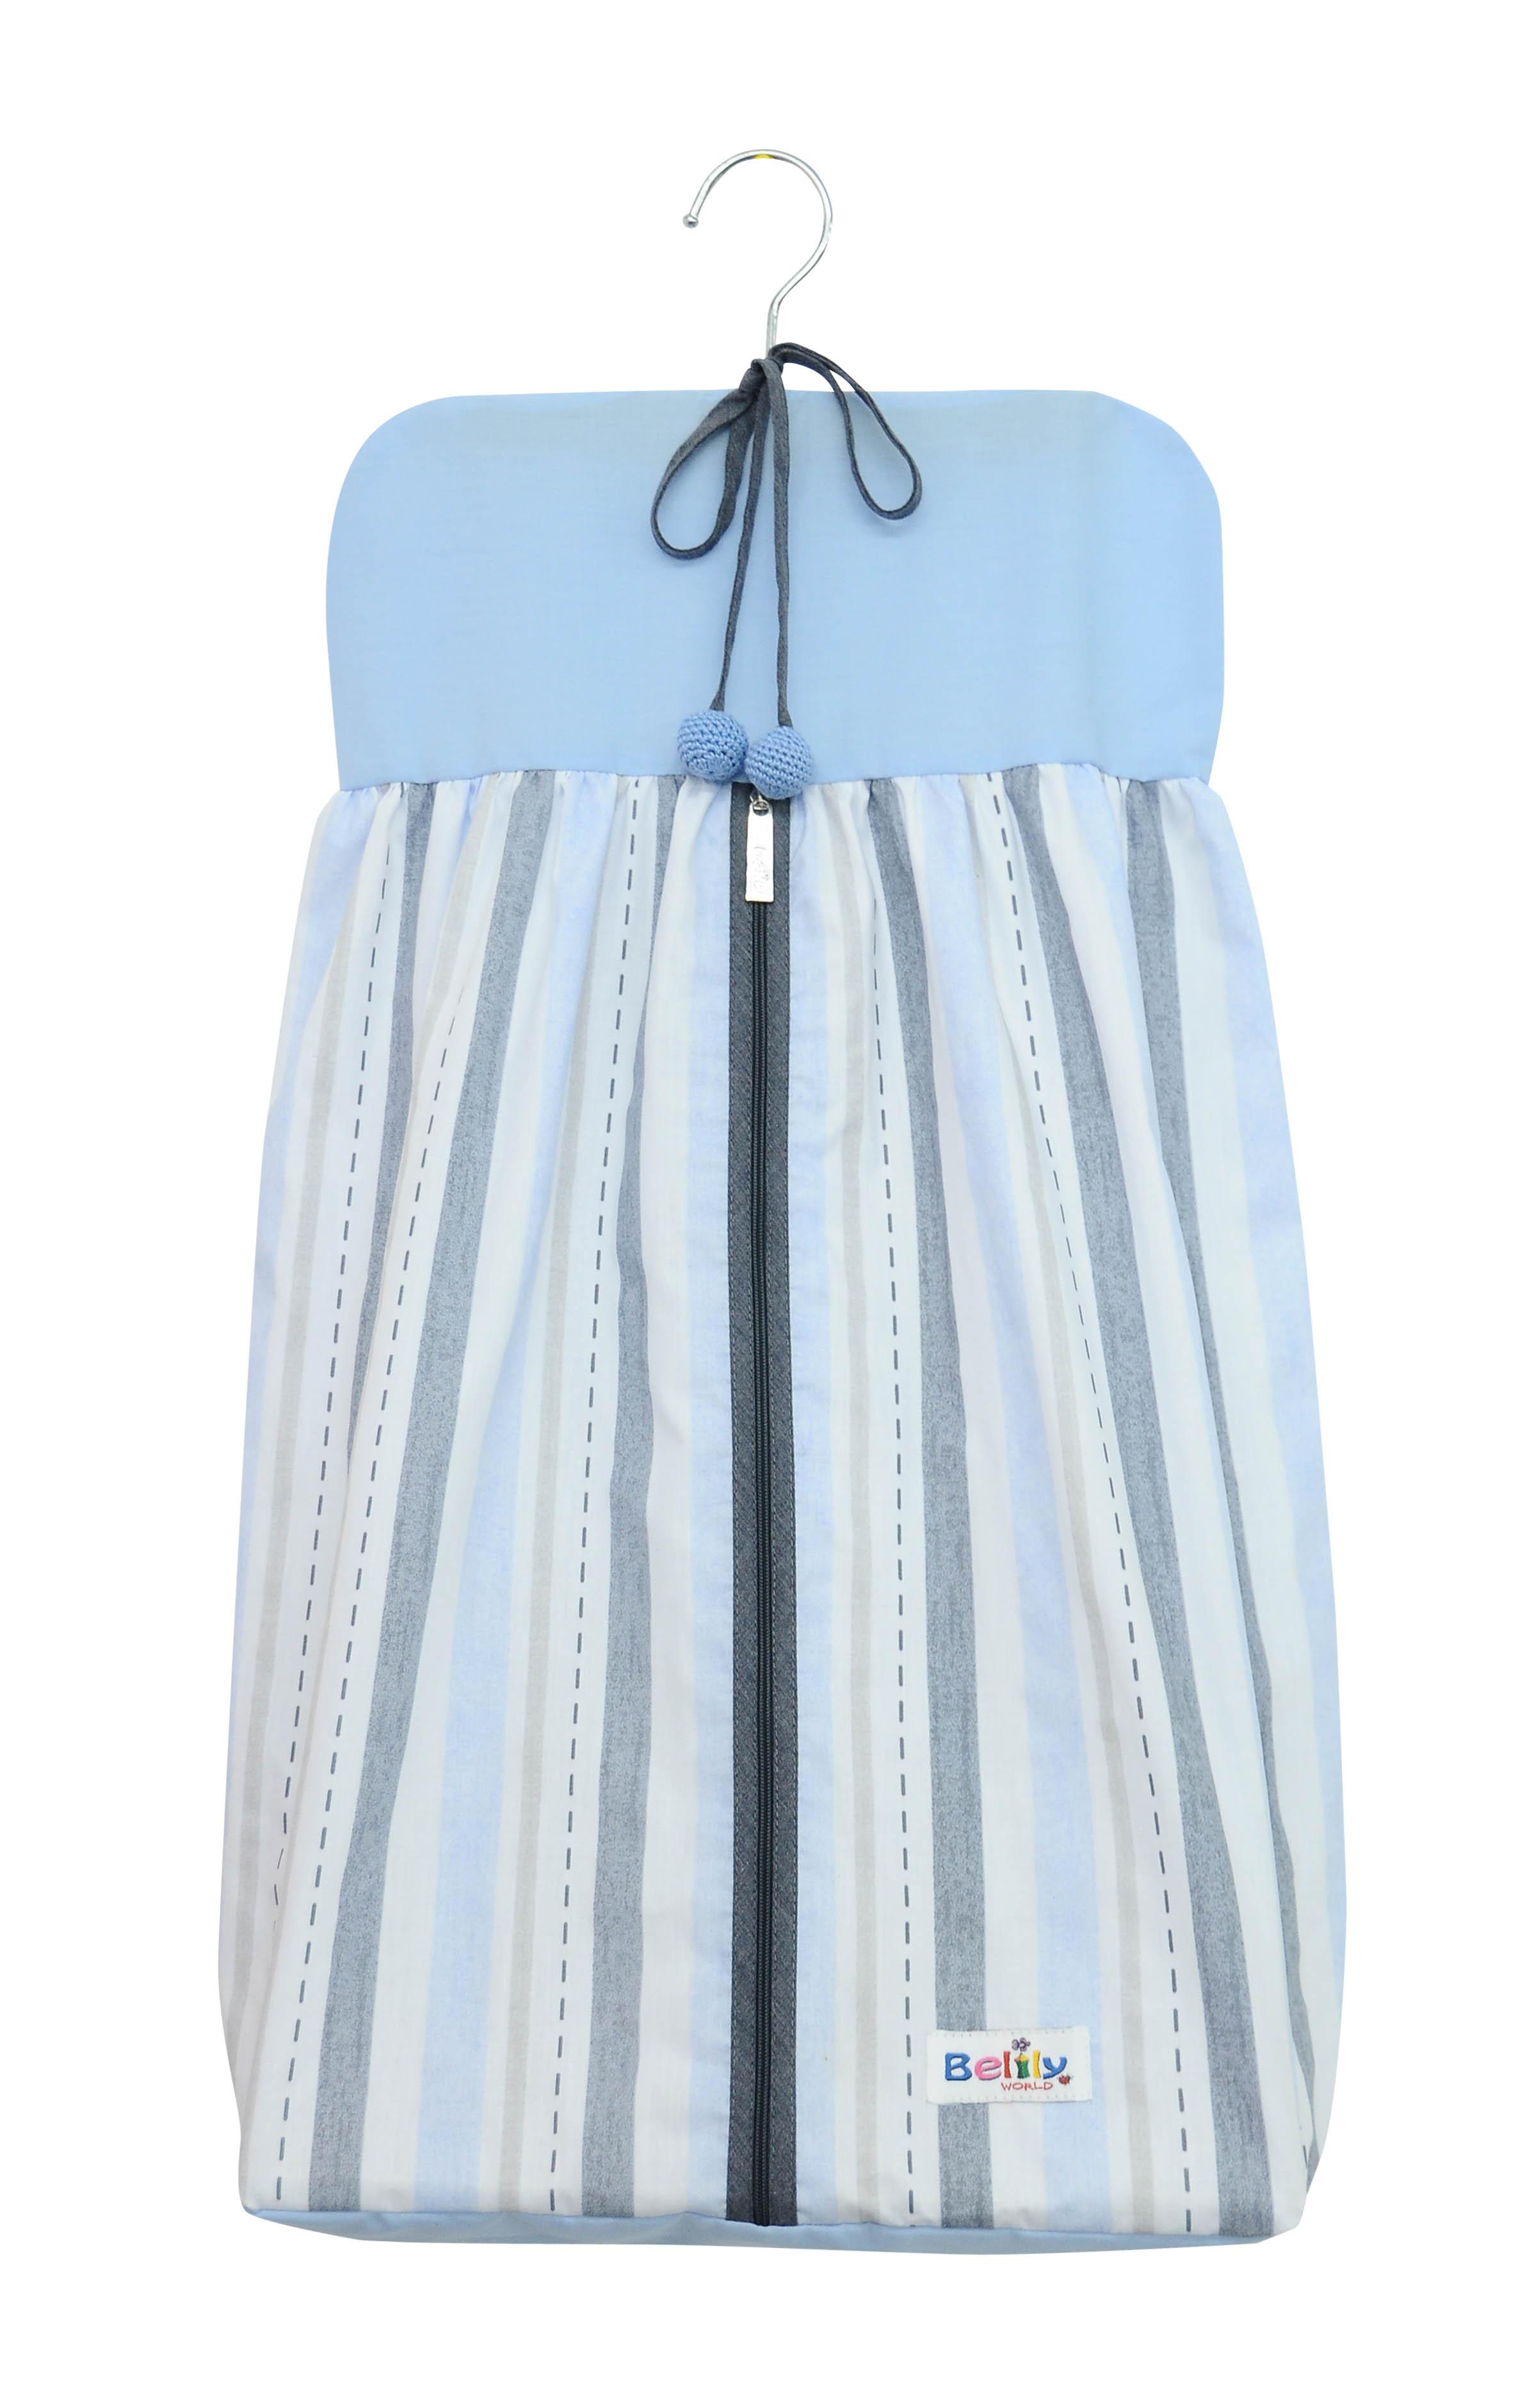 Belily Hangable Diaper Bag Holder Train Zimmer